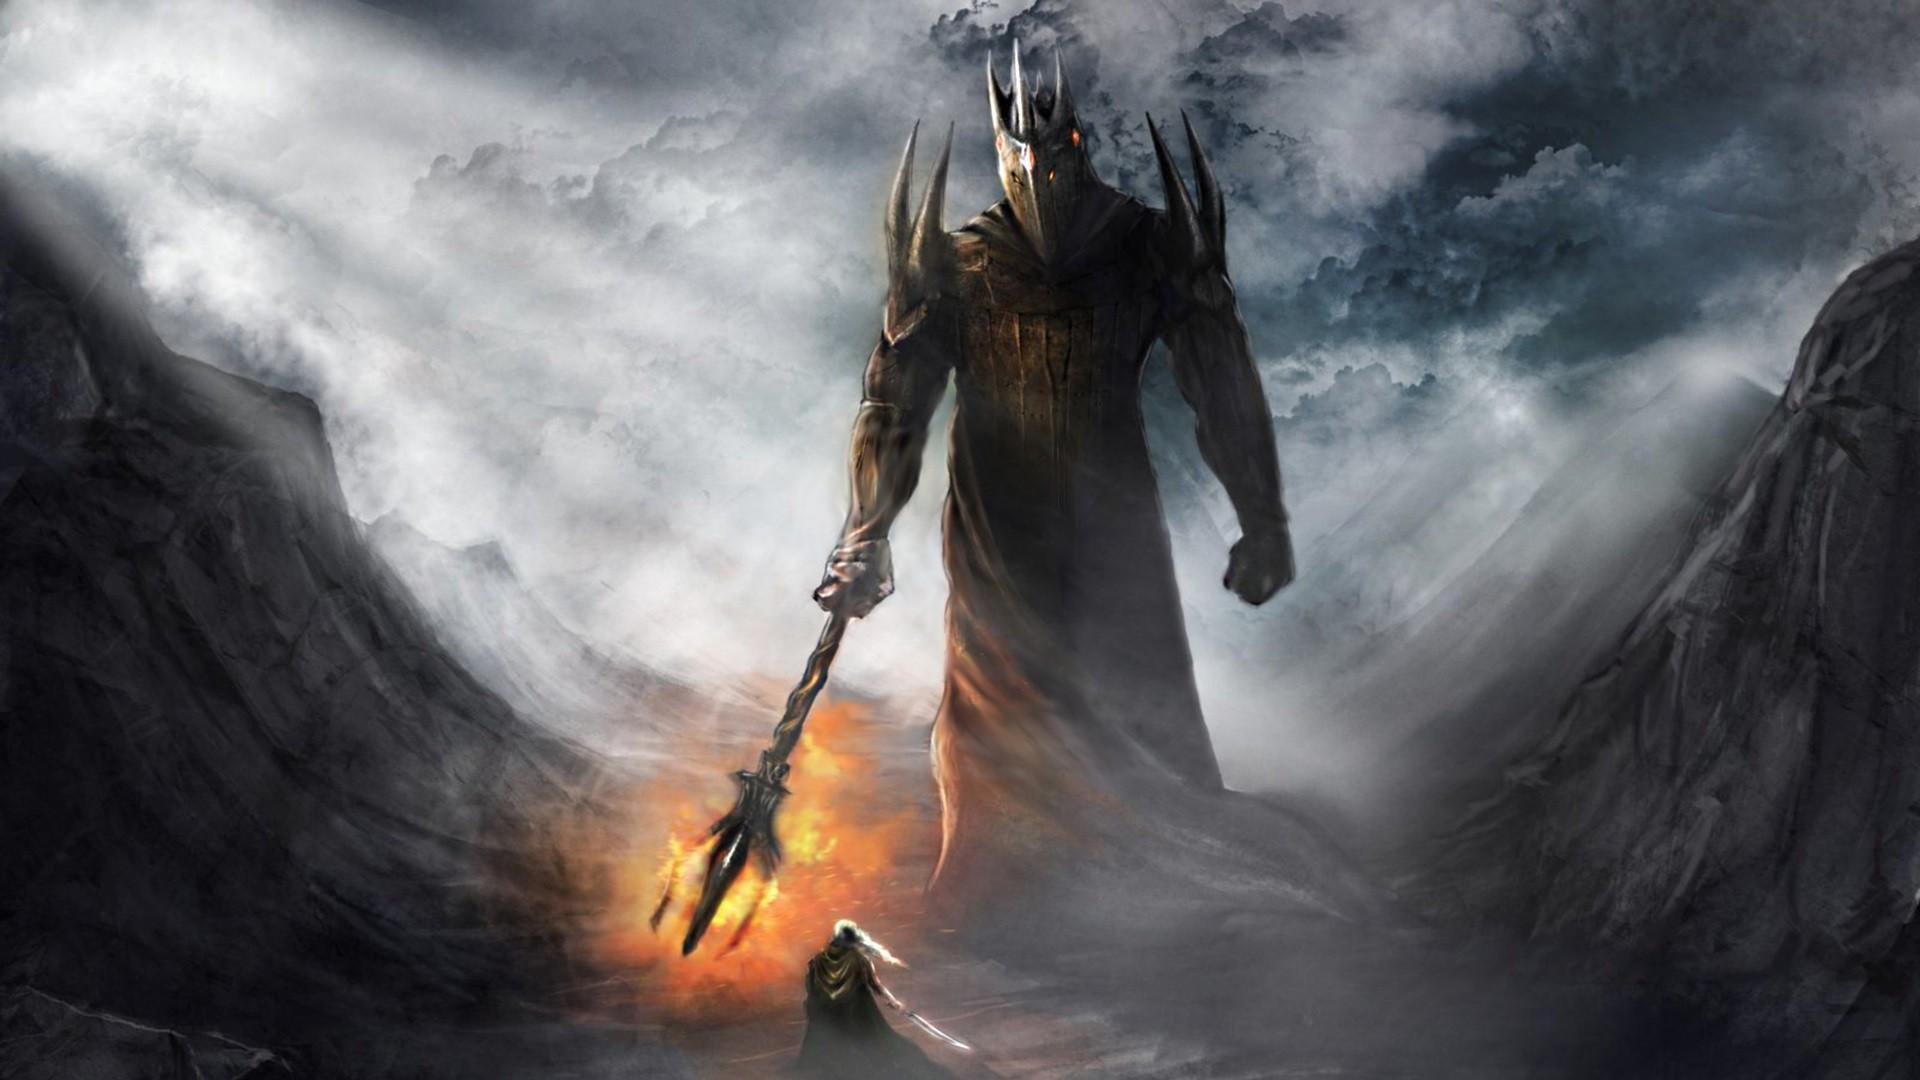 Warriors silmarillion jrr tolkien gods morgoth fingolfin wallpaper 1920x1080